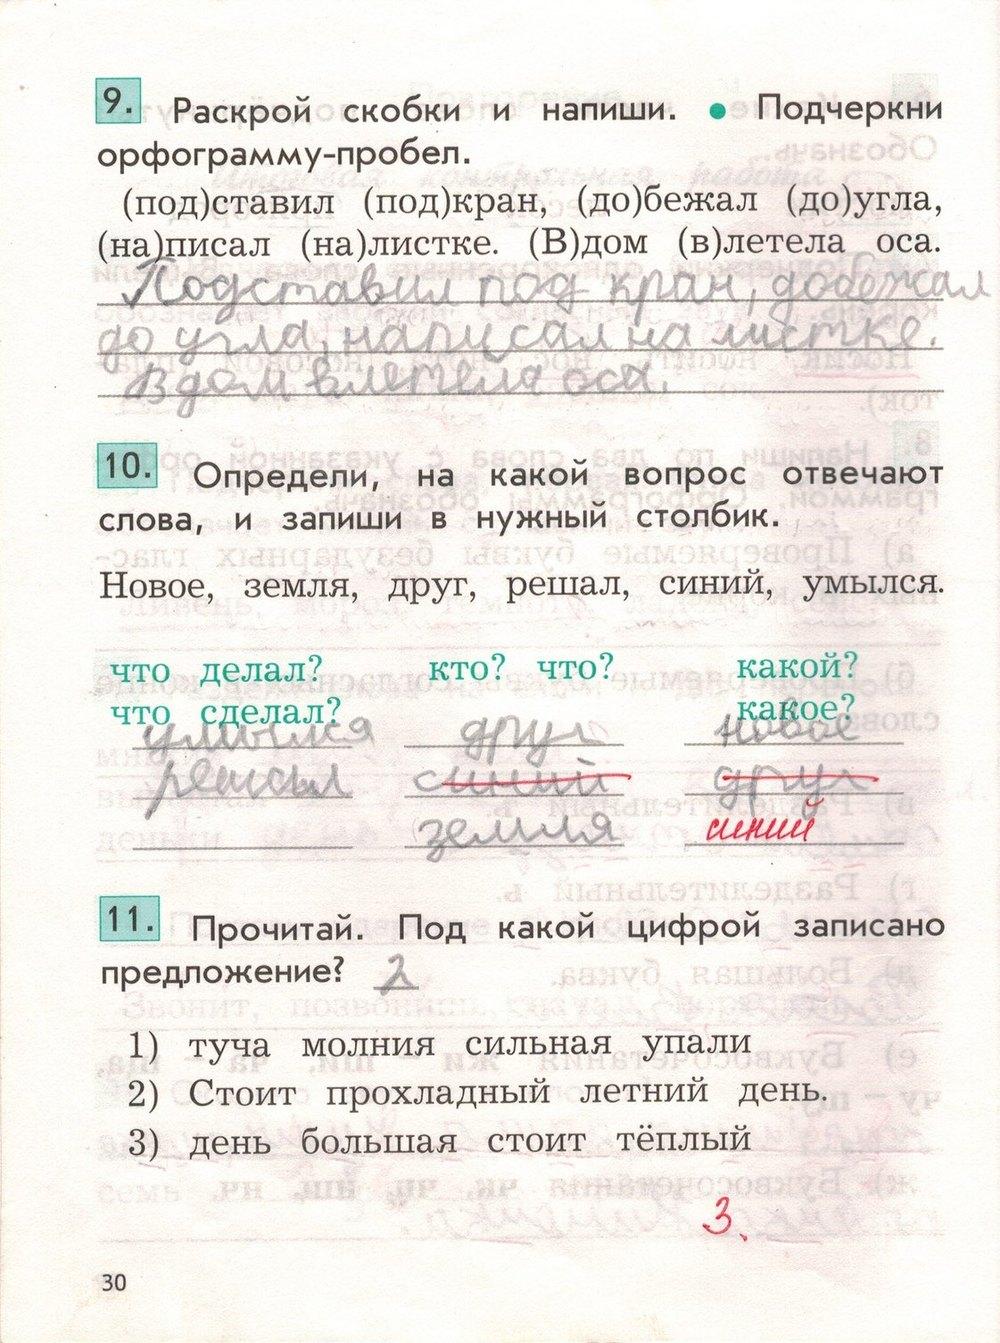 Класс гдз бунеева 3 языку русскому контрольная проверочная работы и по